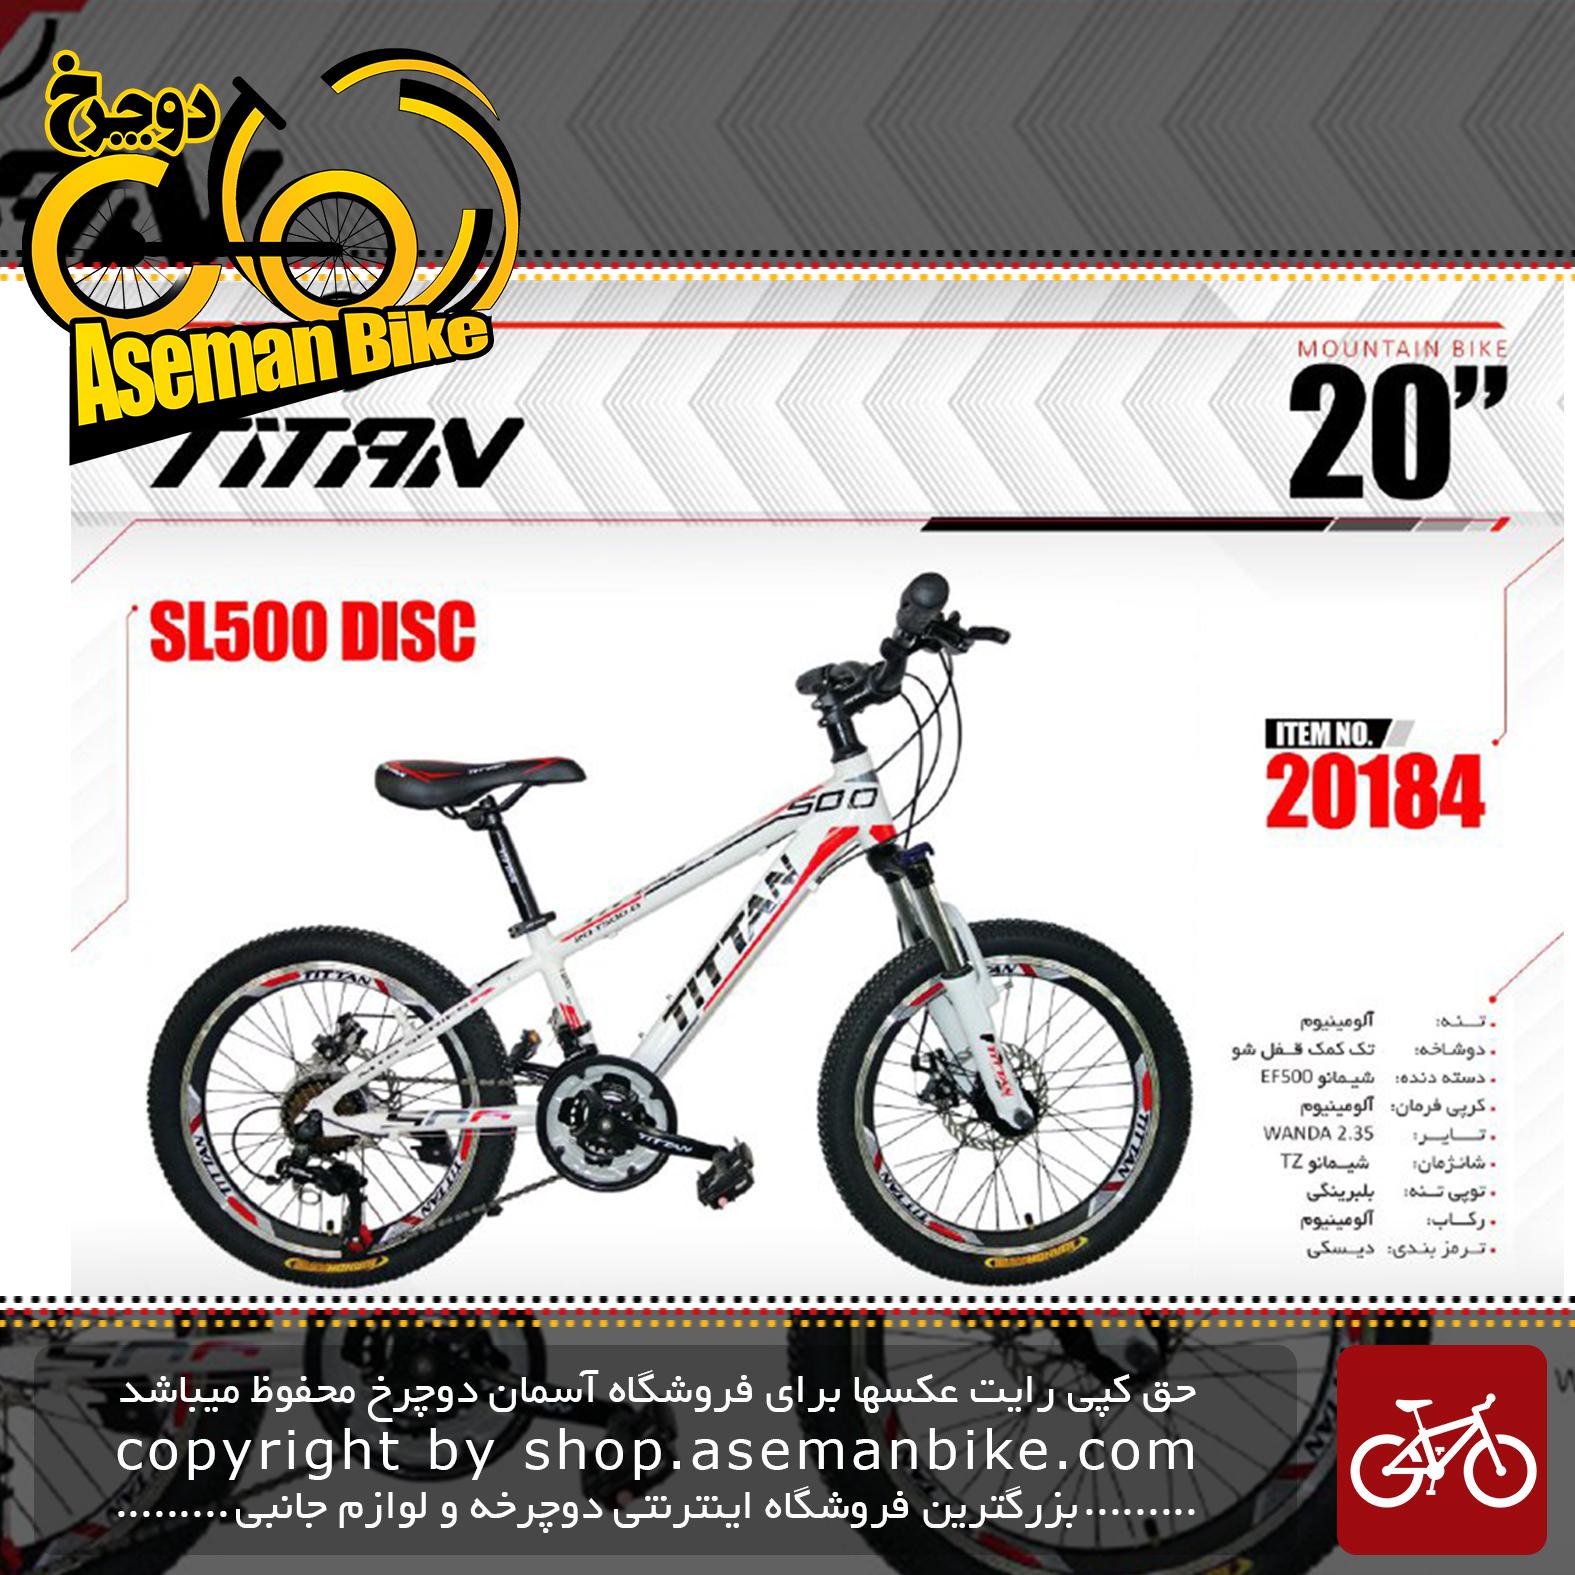 دوچرخه تایتان سایز 20دیسک مدل اس ال 500 TITAN SIZE 20 SL500 DISC